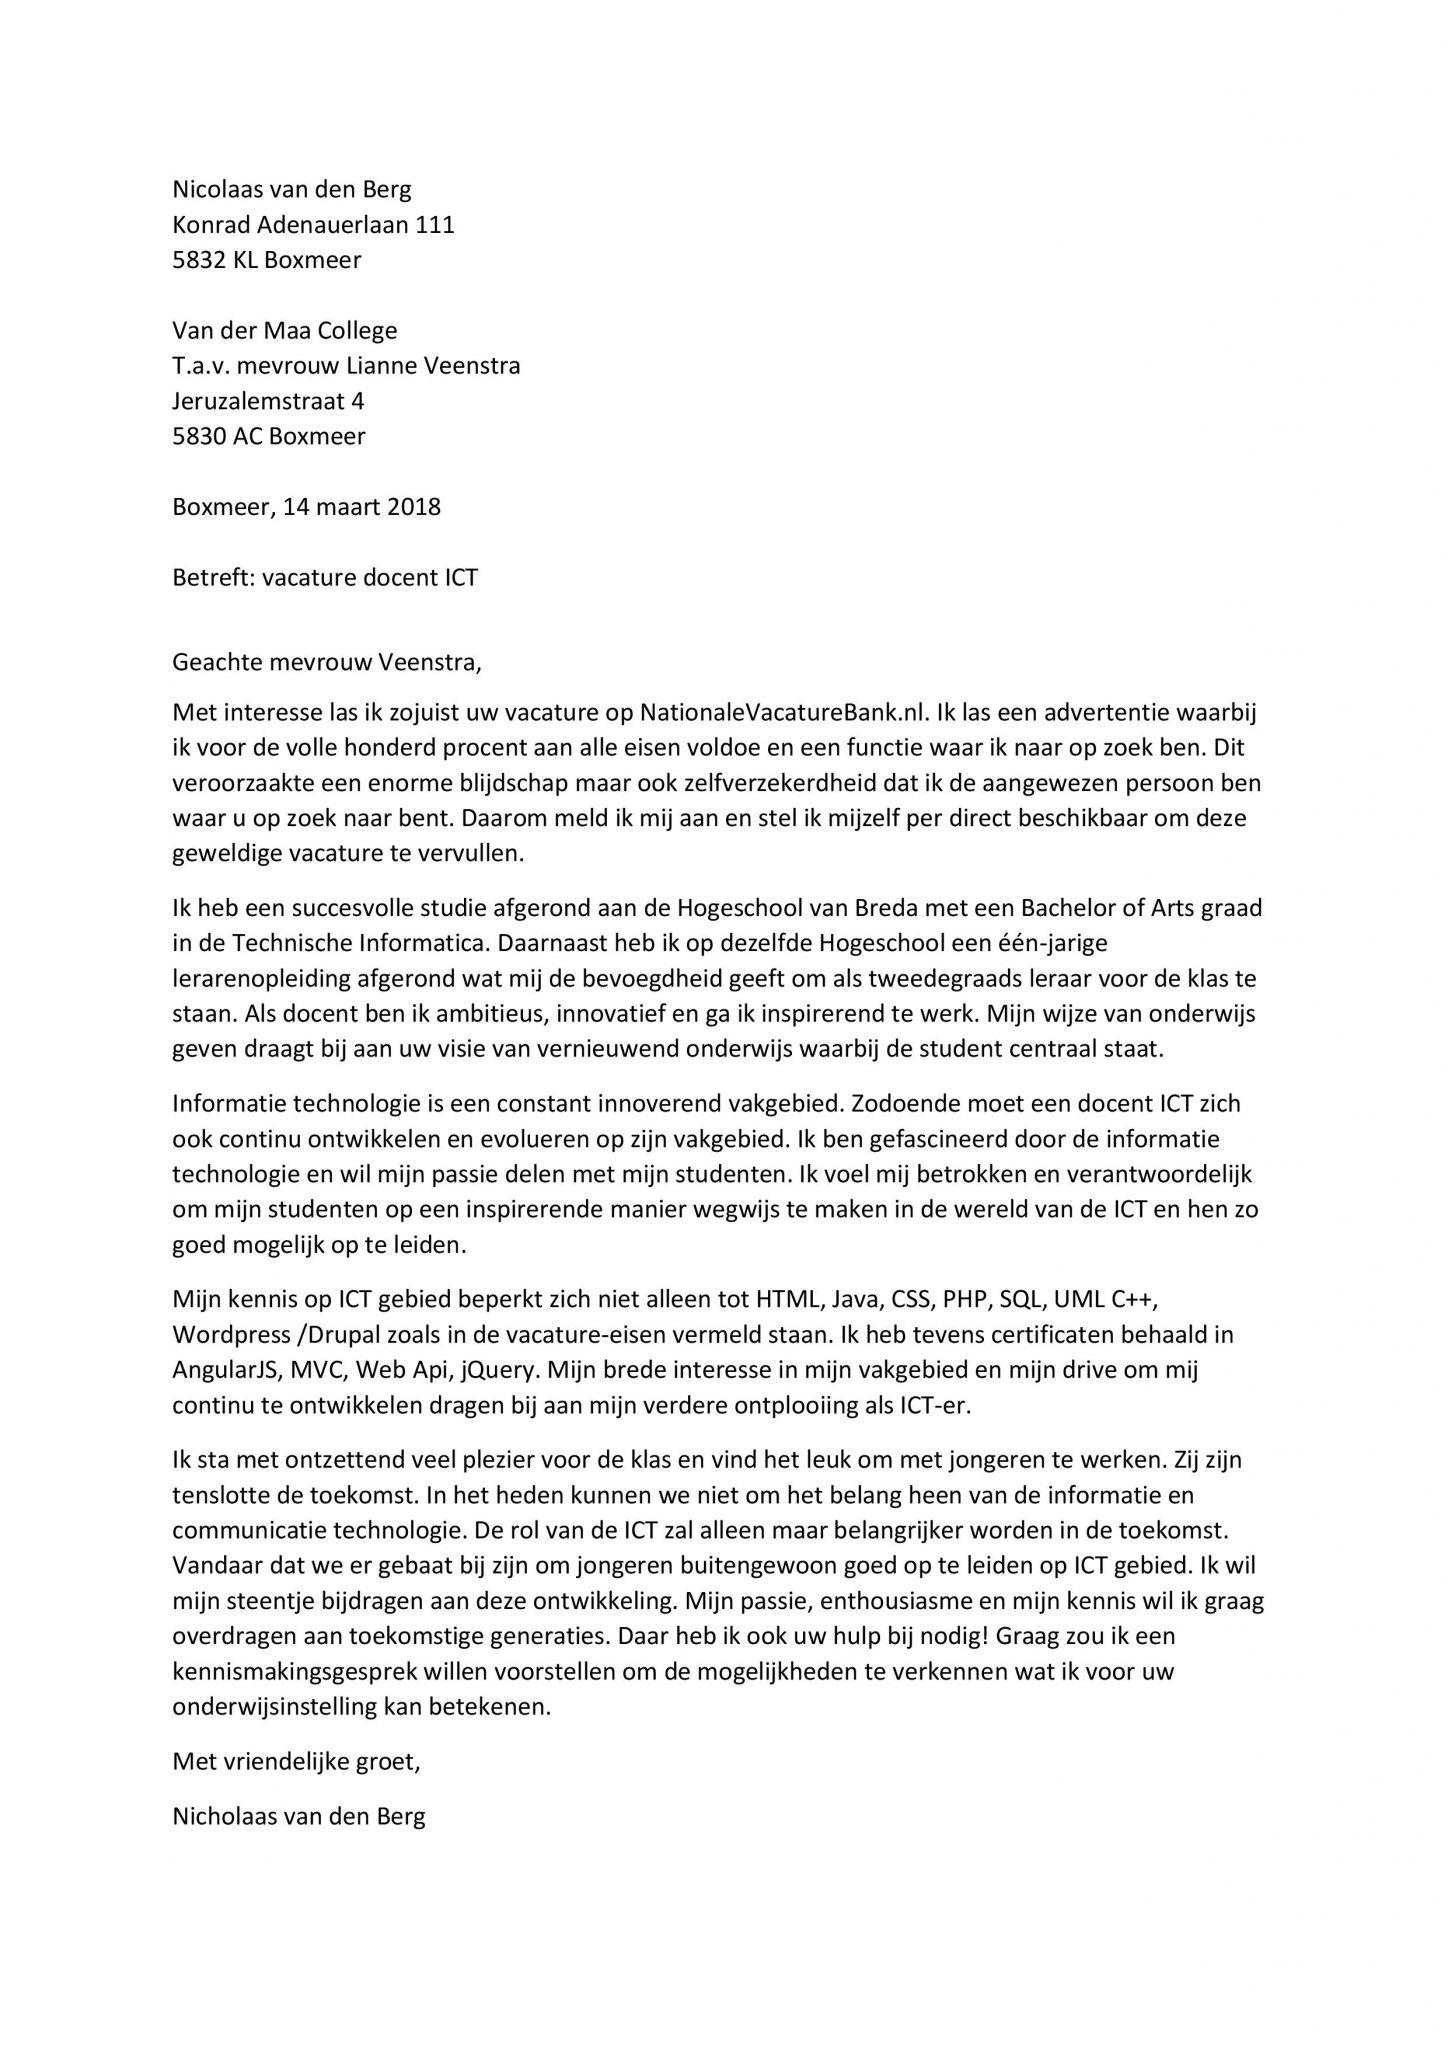 motivatiebrief ict Sollicitatiebrief Docent ICT   Sollicitatiebijbel.nl